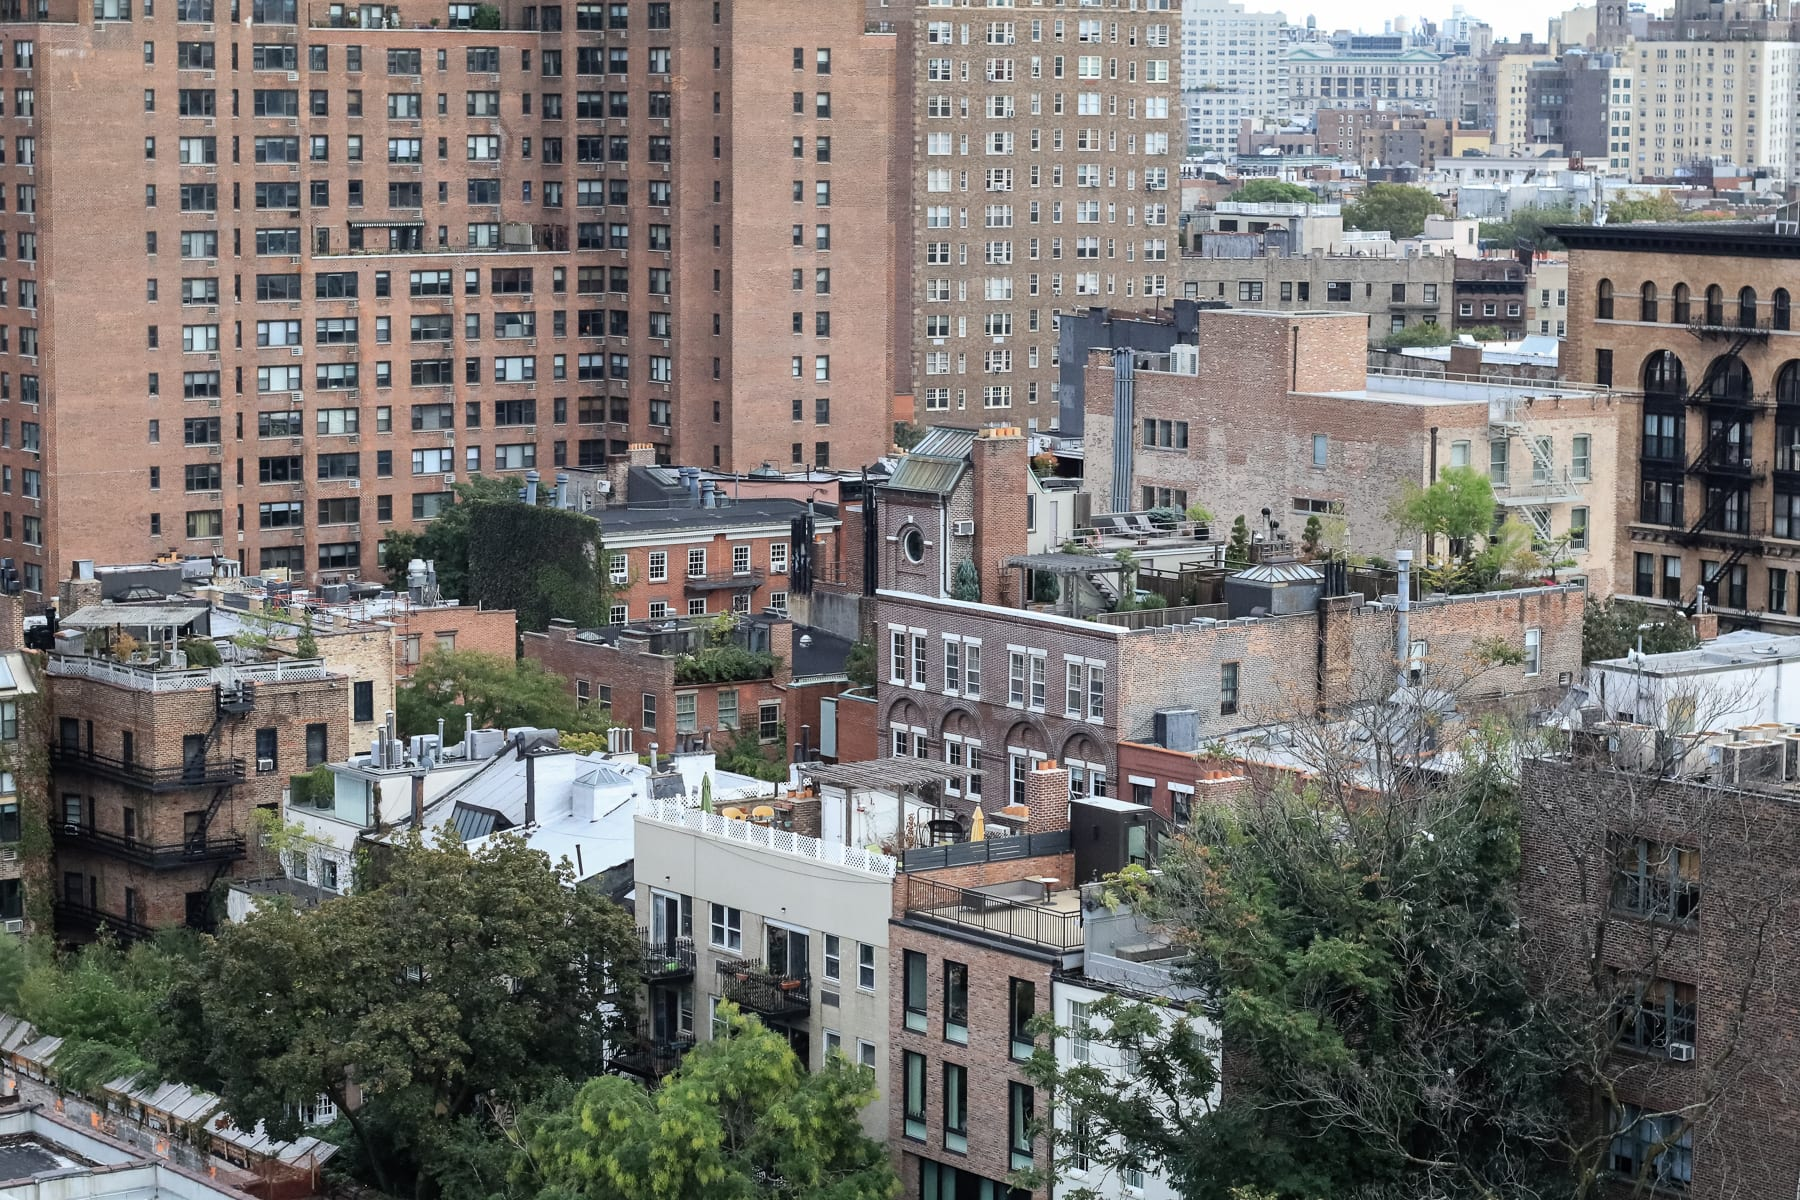 08-NY-journey-rooftop15-1.jpg